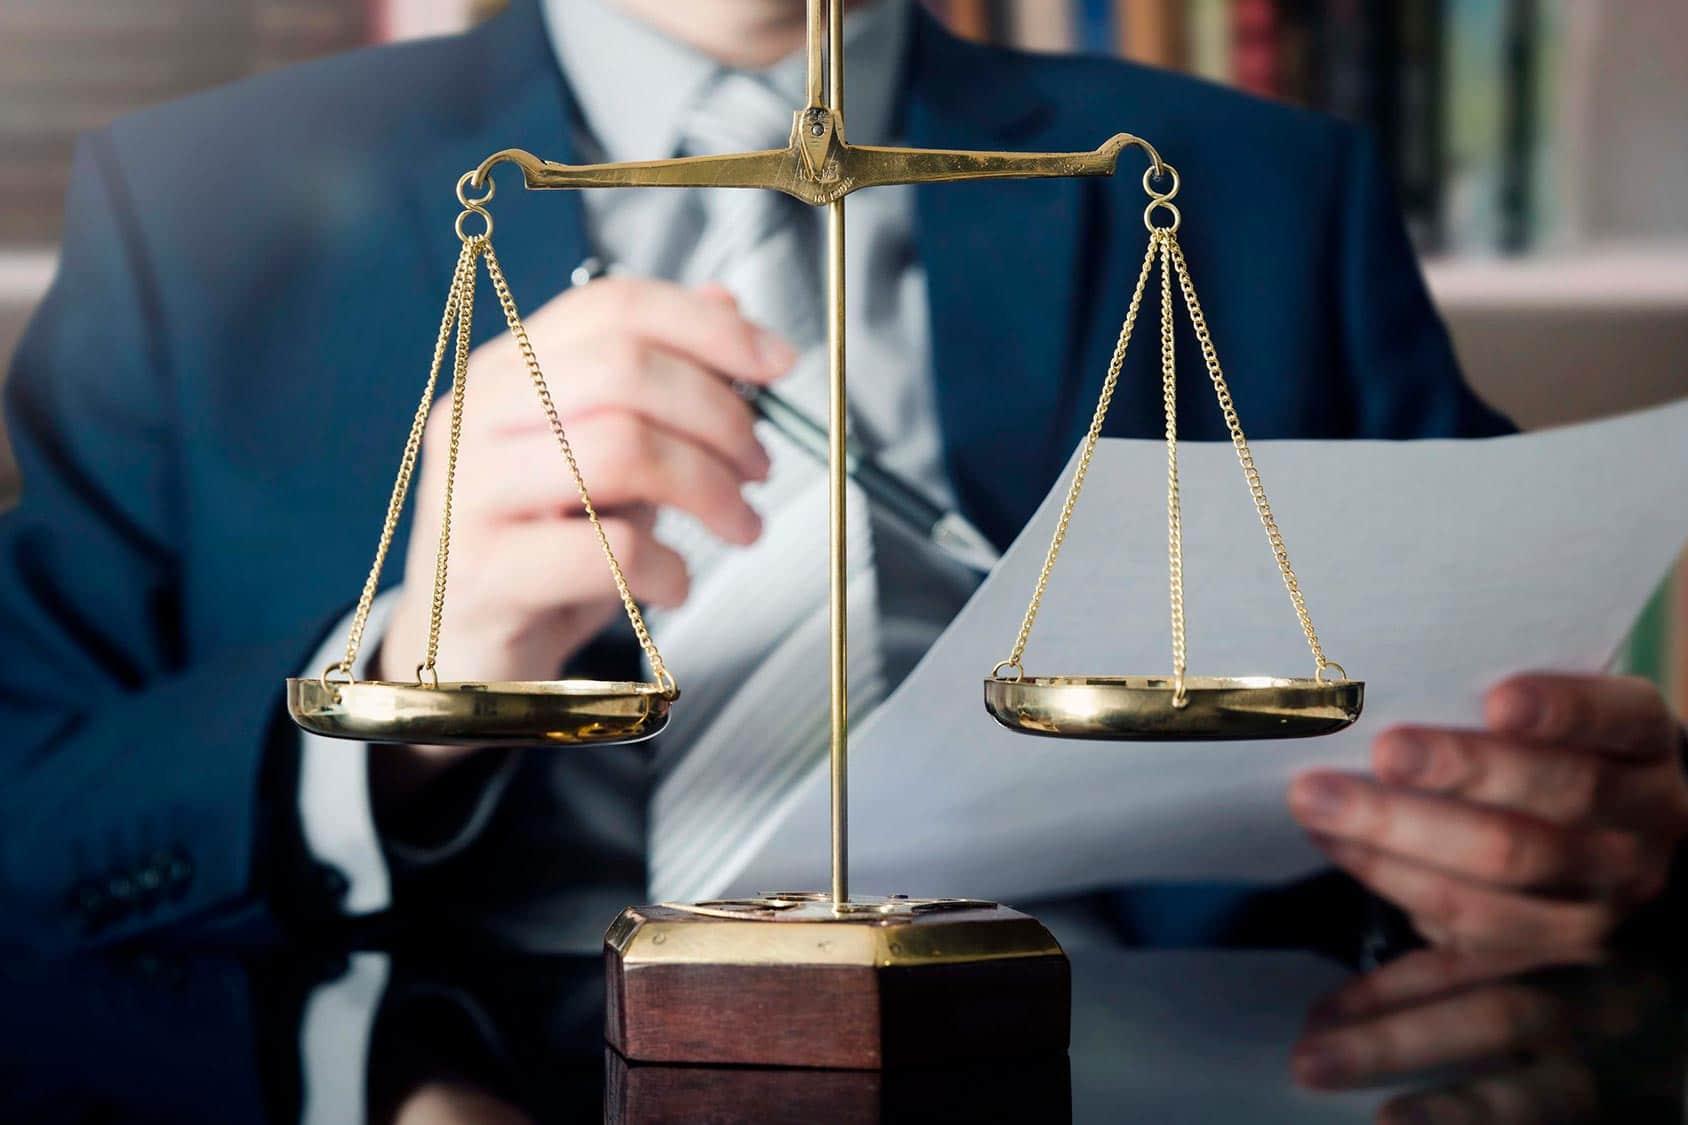 Curso Técnico em Serviços Jurídicos | Central Pronatec